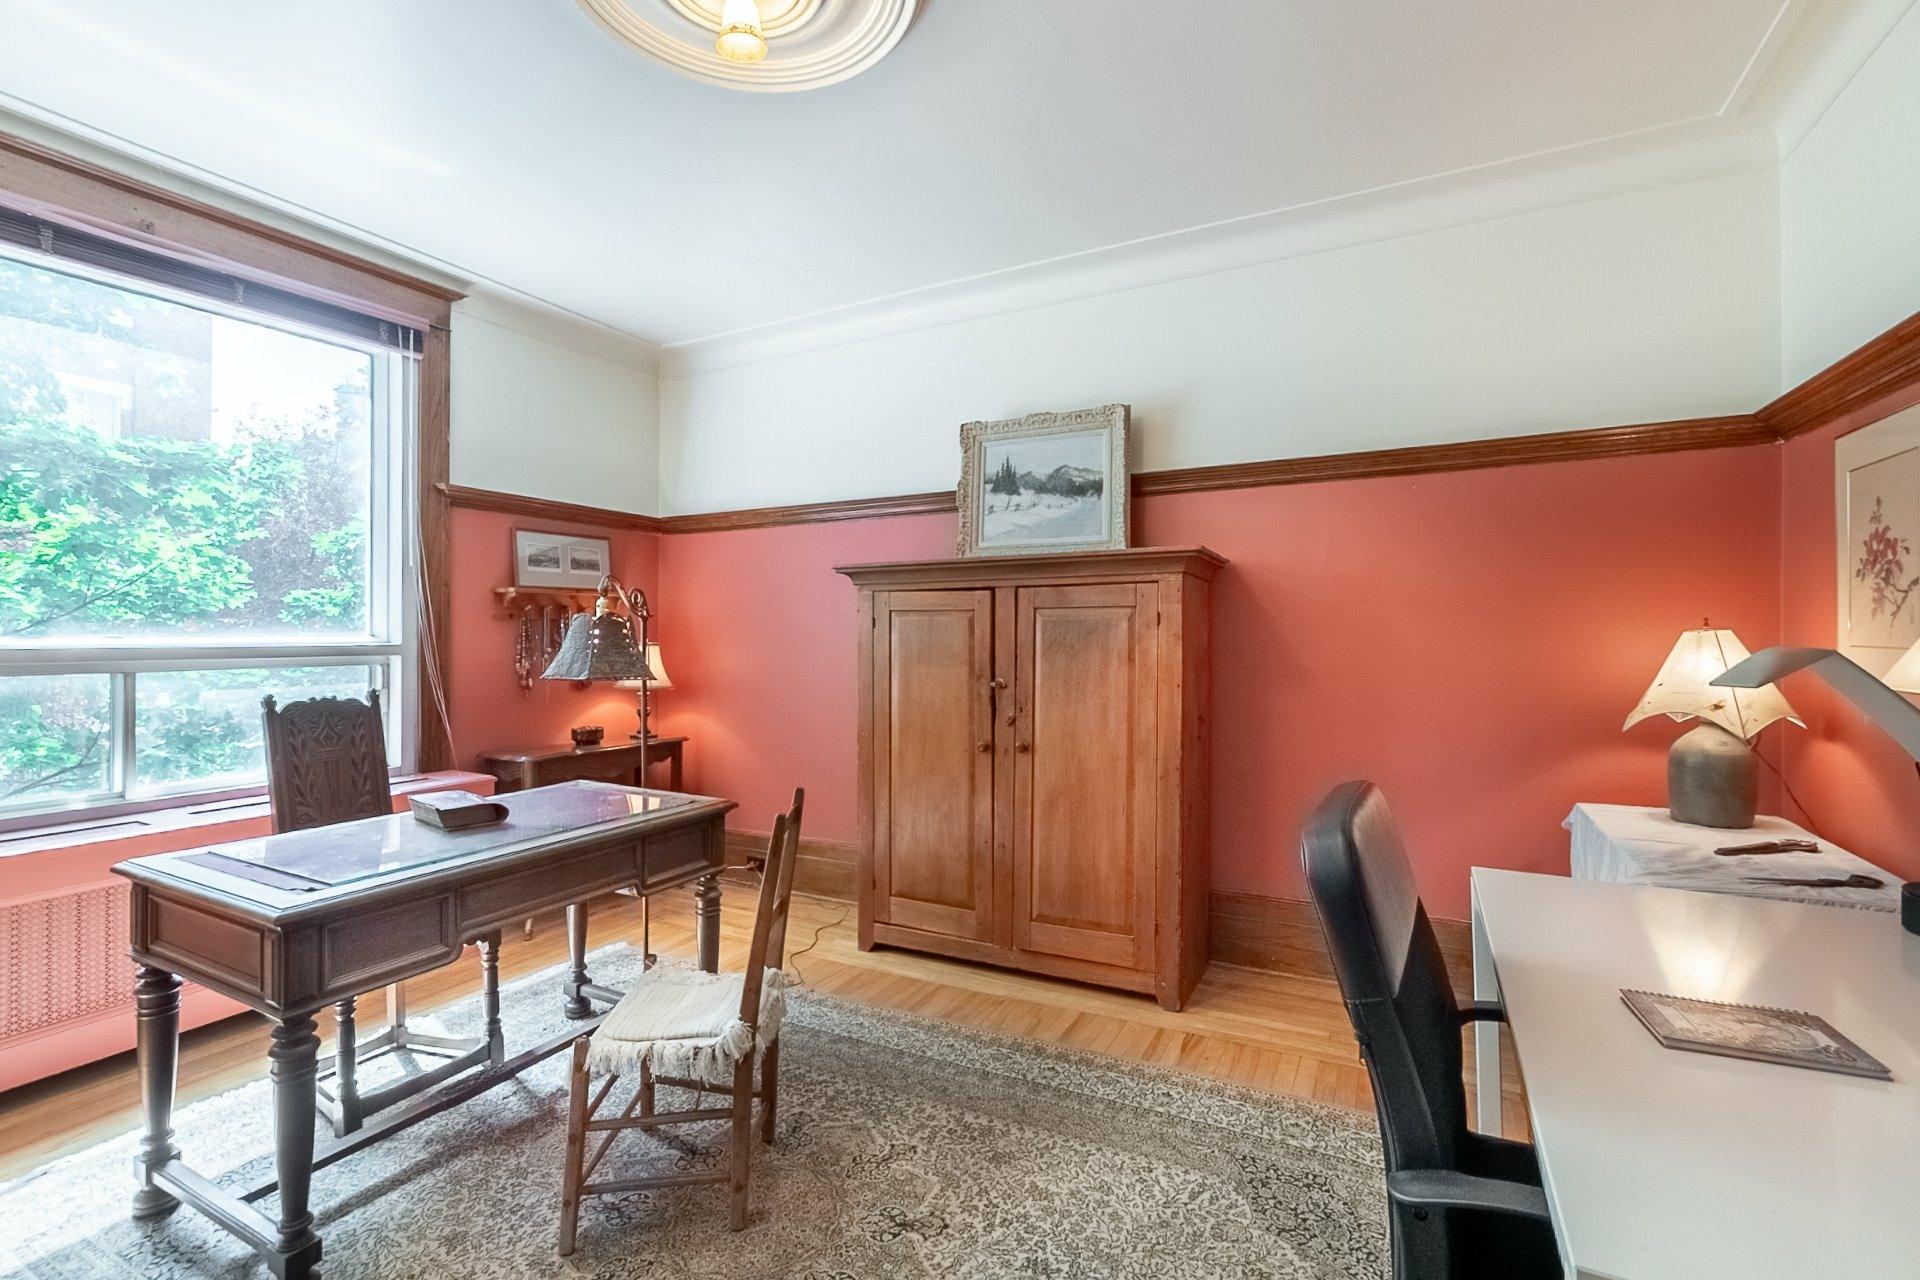 image 9 - Appartement À vendre Outremont Montréal  - 9 pièces